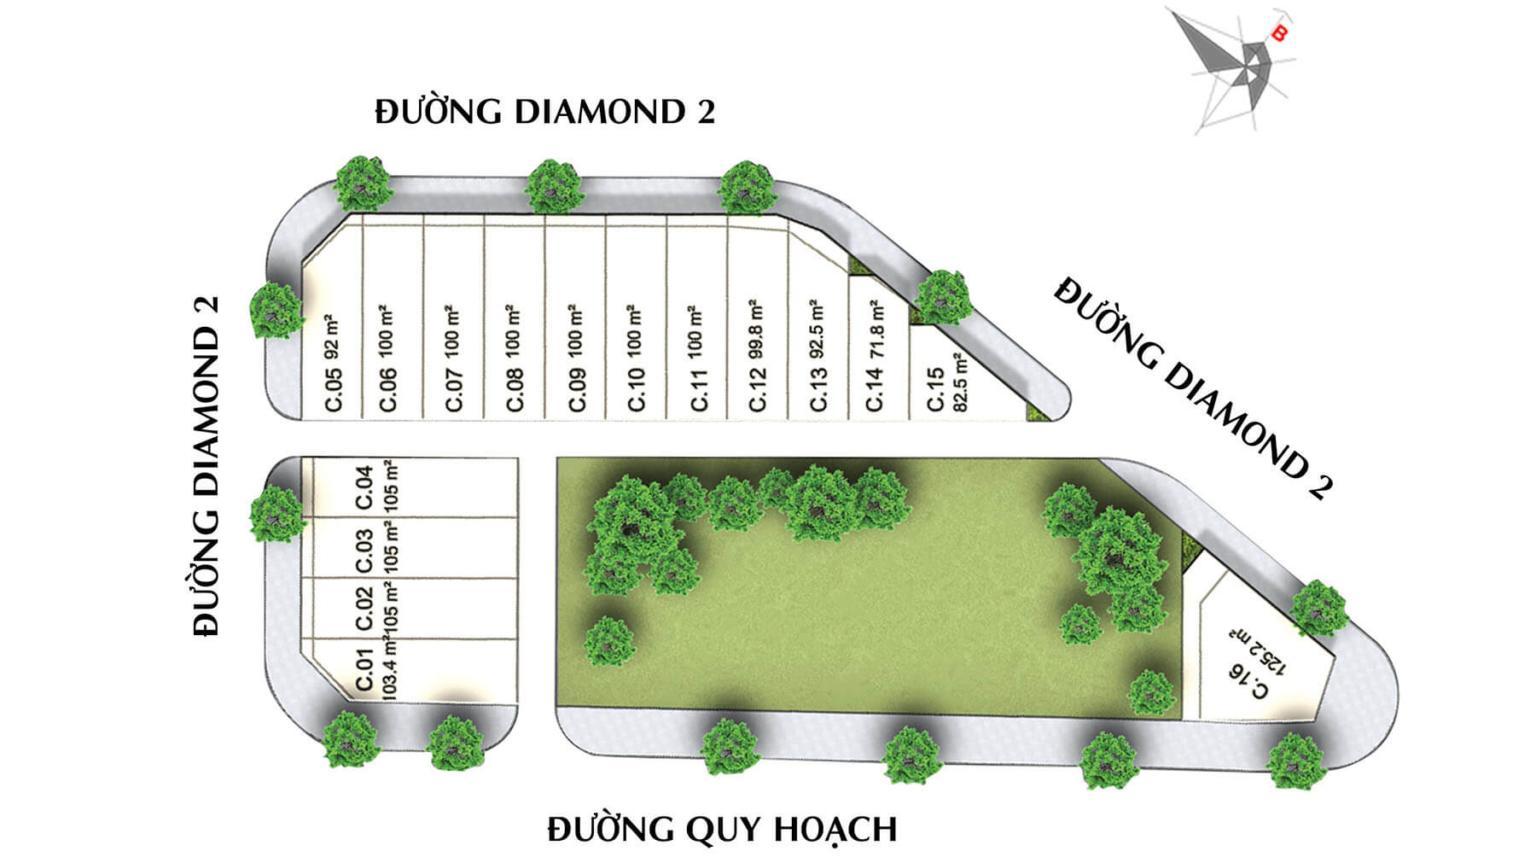 mb-du-an-diamond-central